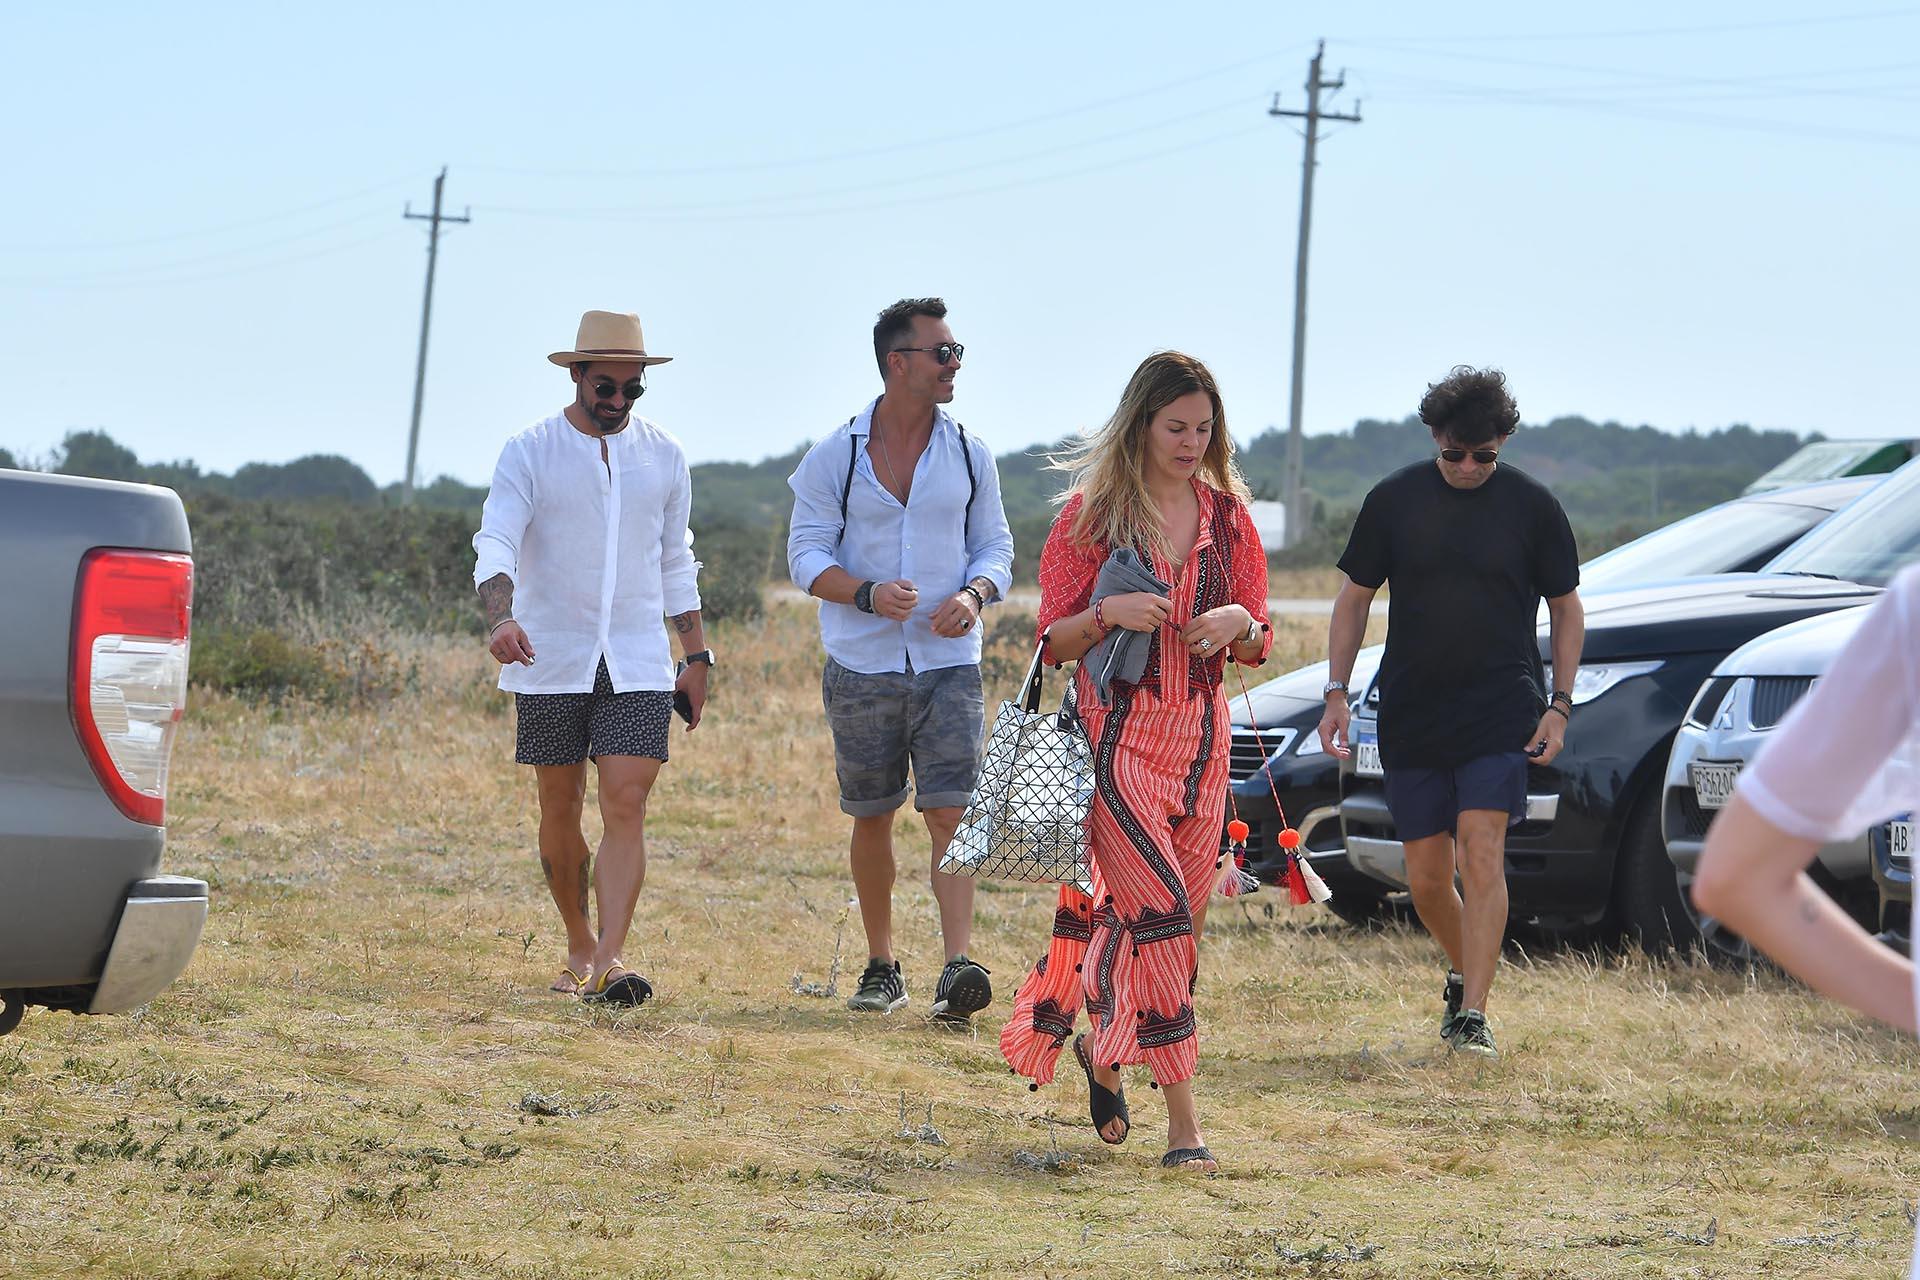 Ezequiel Lavezzi y Yanina Screpante pasan los veranos en el Este y siempre marcan tendencia. Ella luce una túnica estampada a rayas y diseños hippy-chic con detalles de borlas de pompones. Él opta por un traje de baño estampado y una clásica camisa blanca de lino